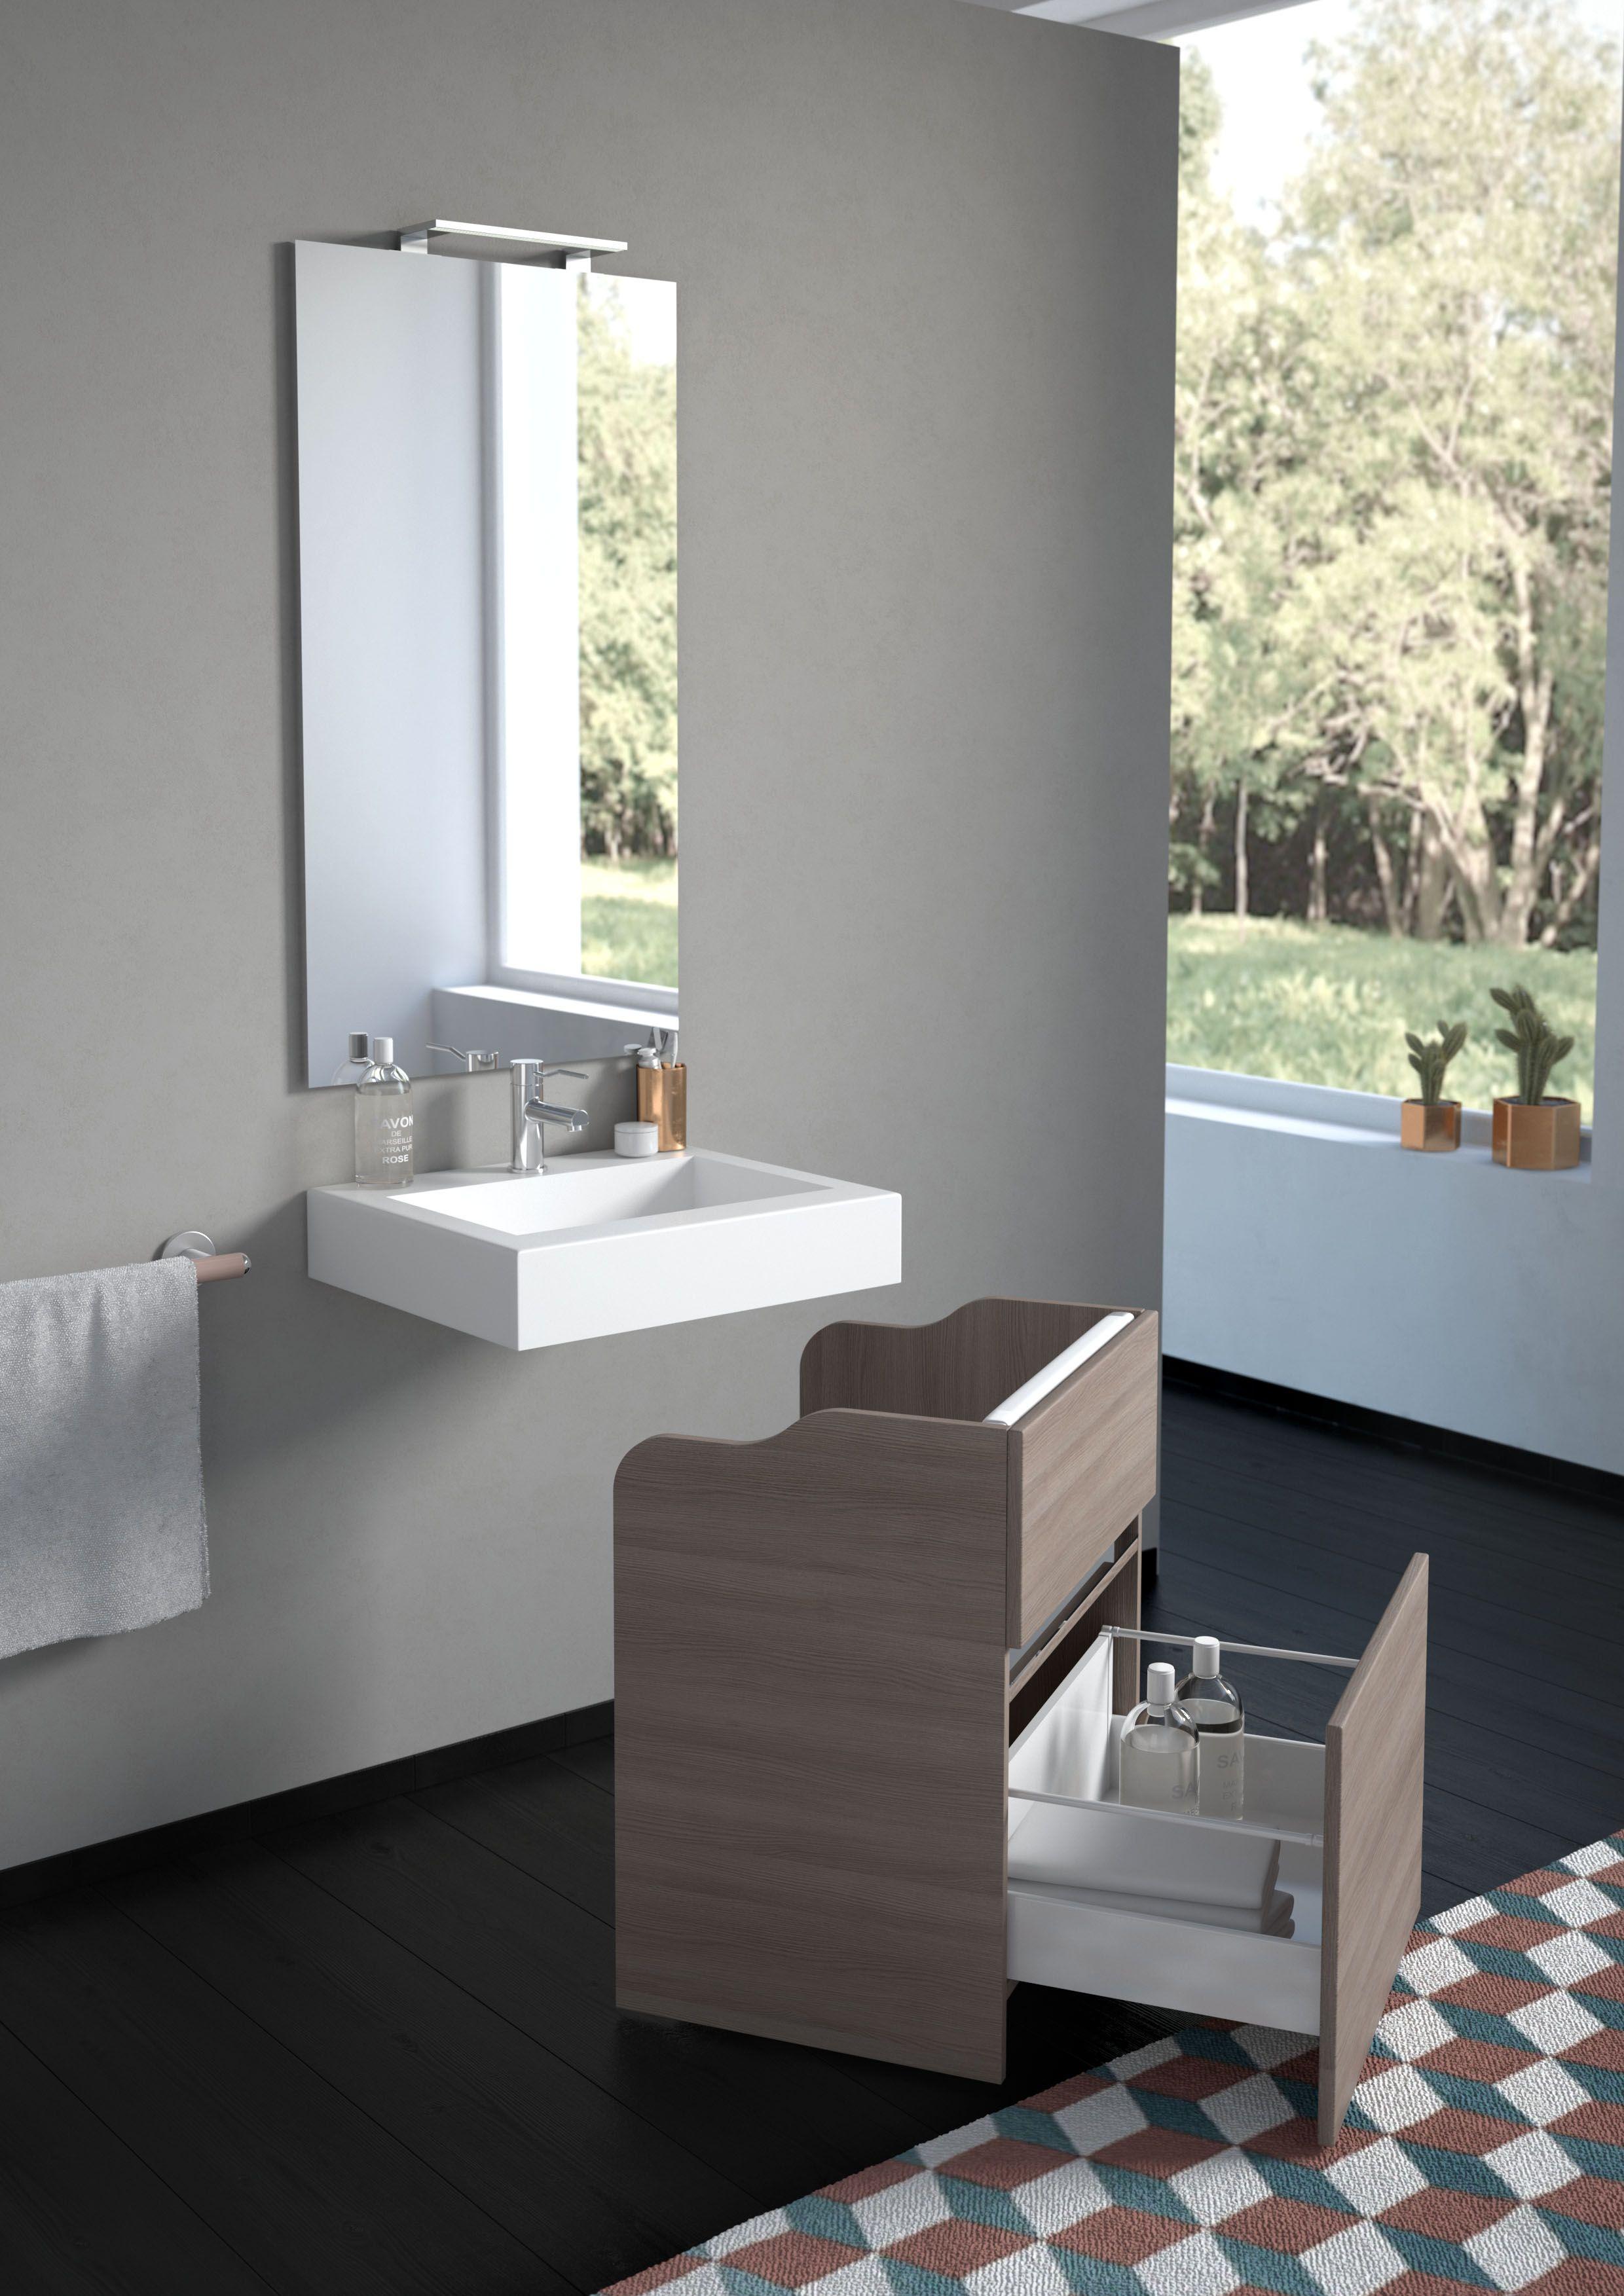 Nuovo concept di arredo bagno, frutto di una ricerca per il comfort ...